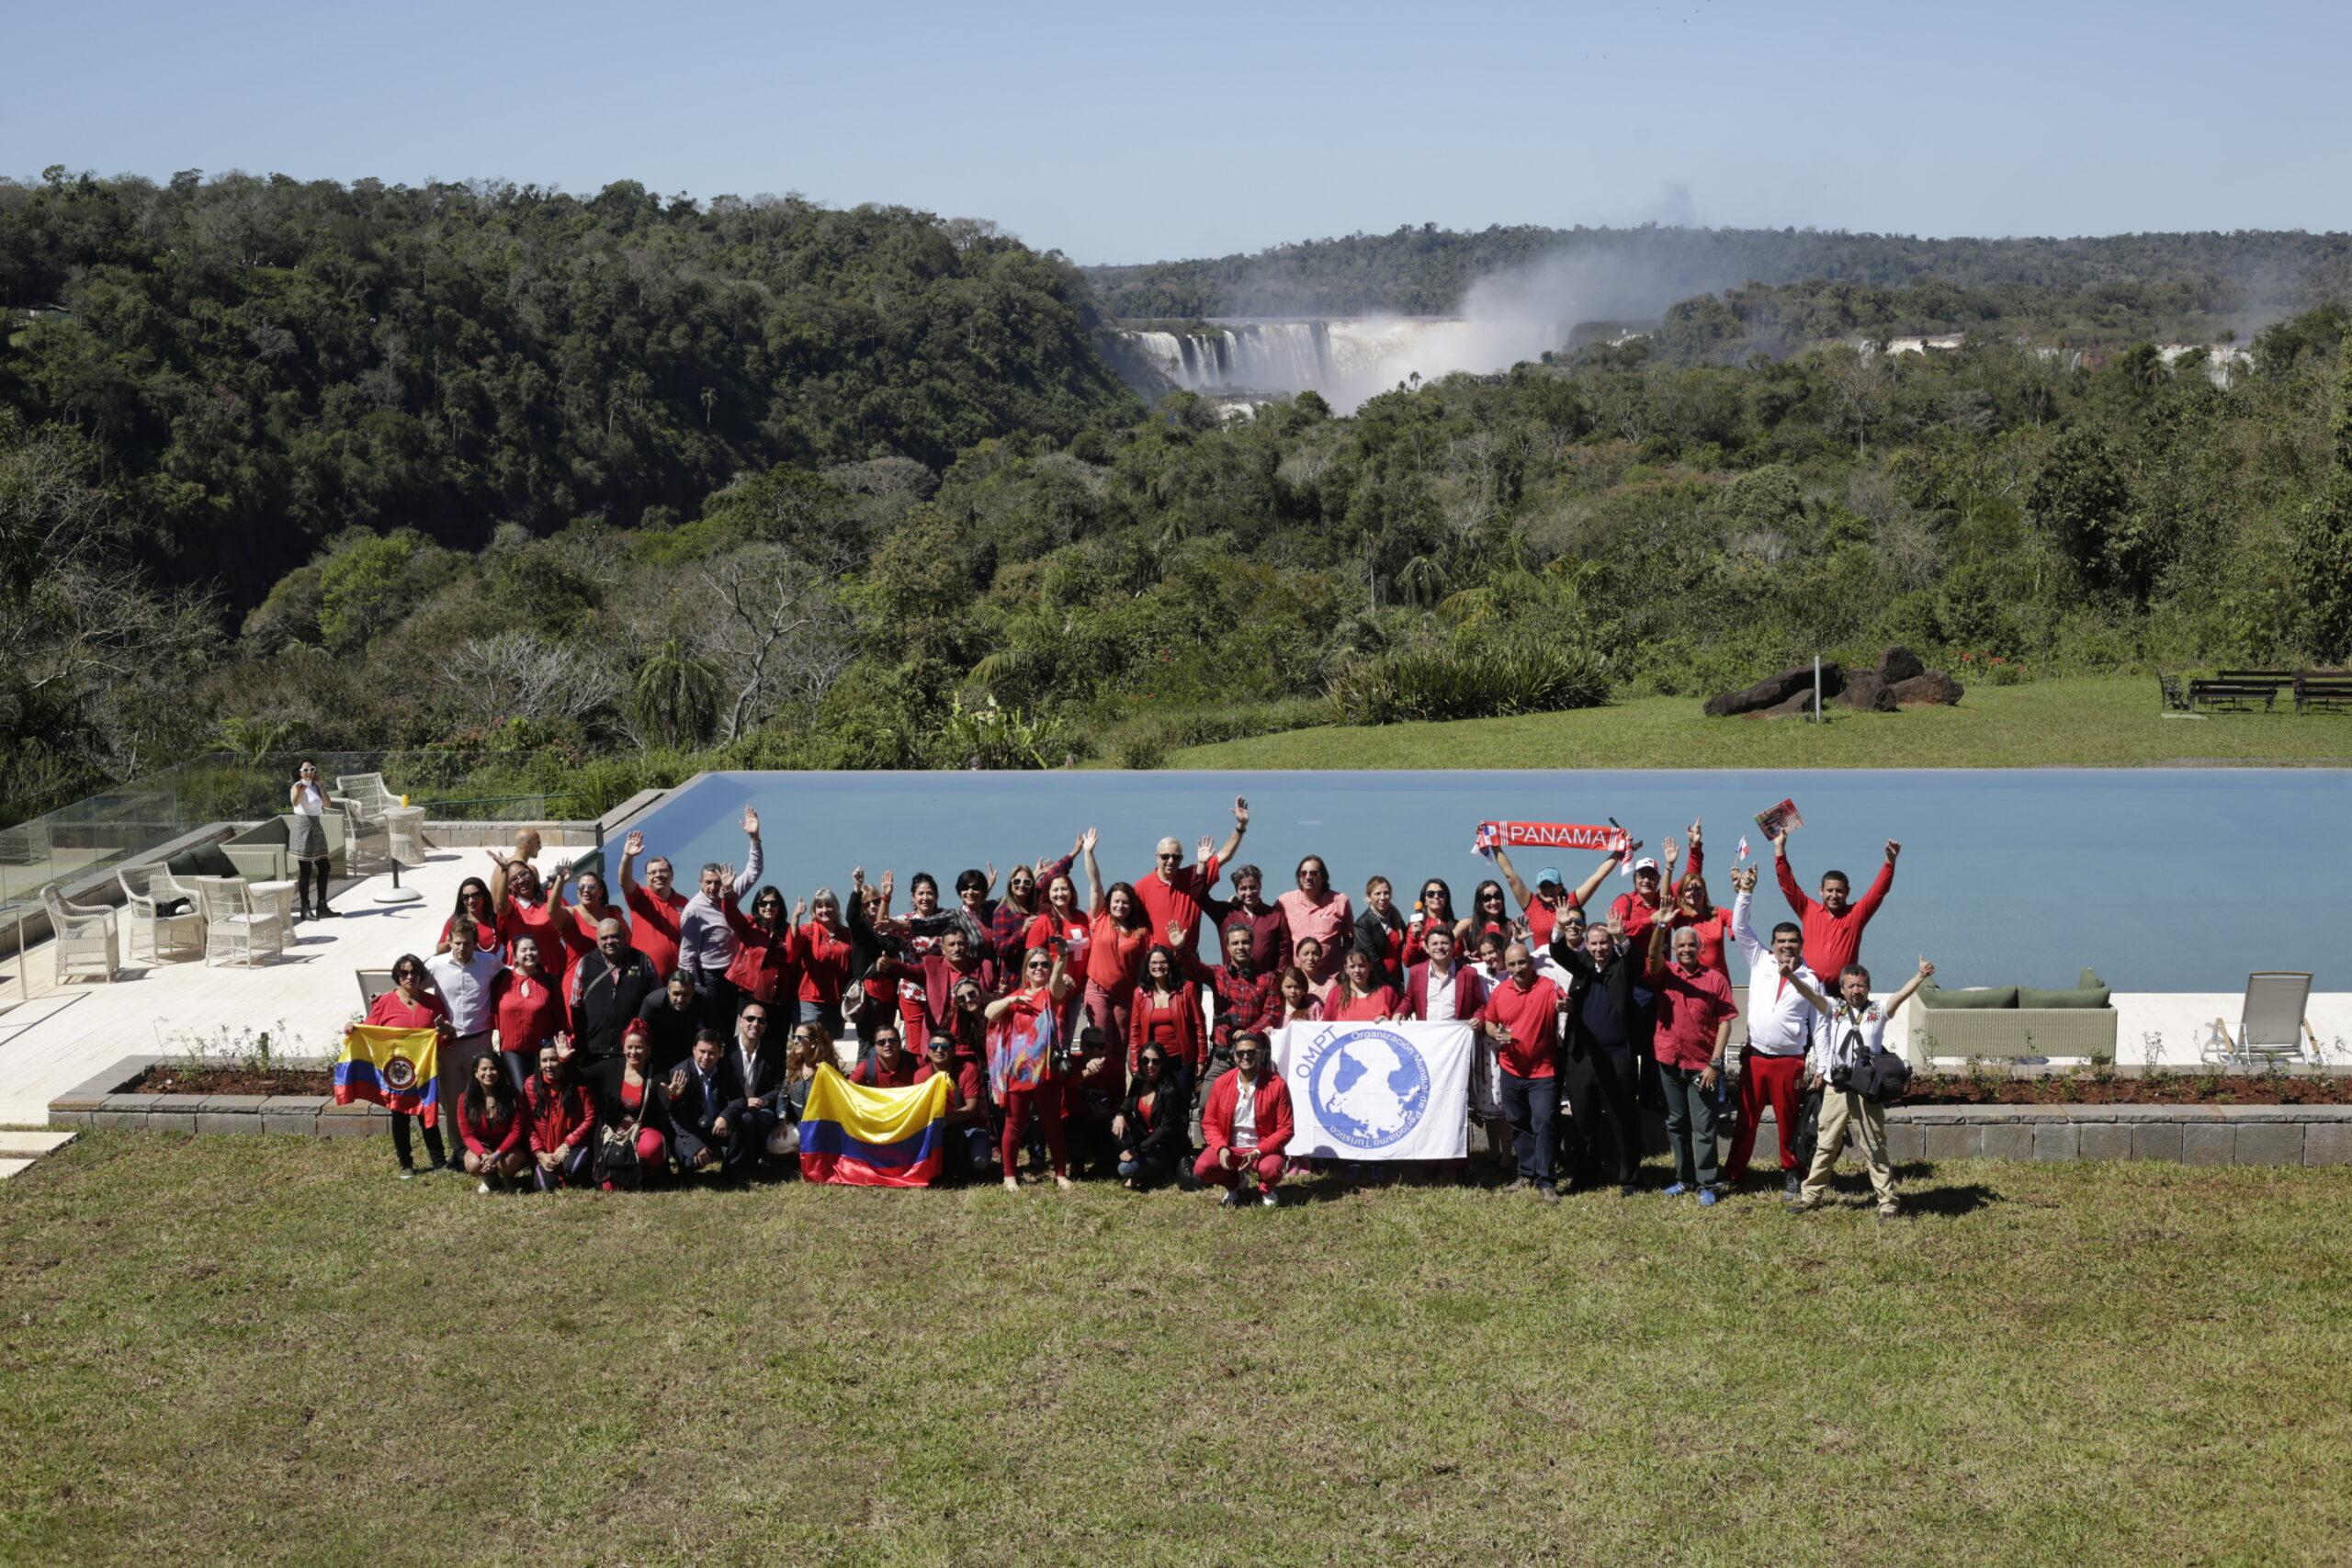 La Organización Mundial de Periodismo Turístico celebra 9 años de logros -  Destinypty